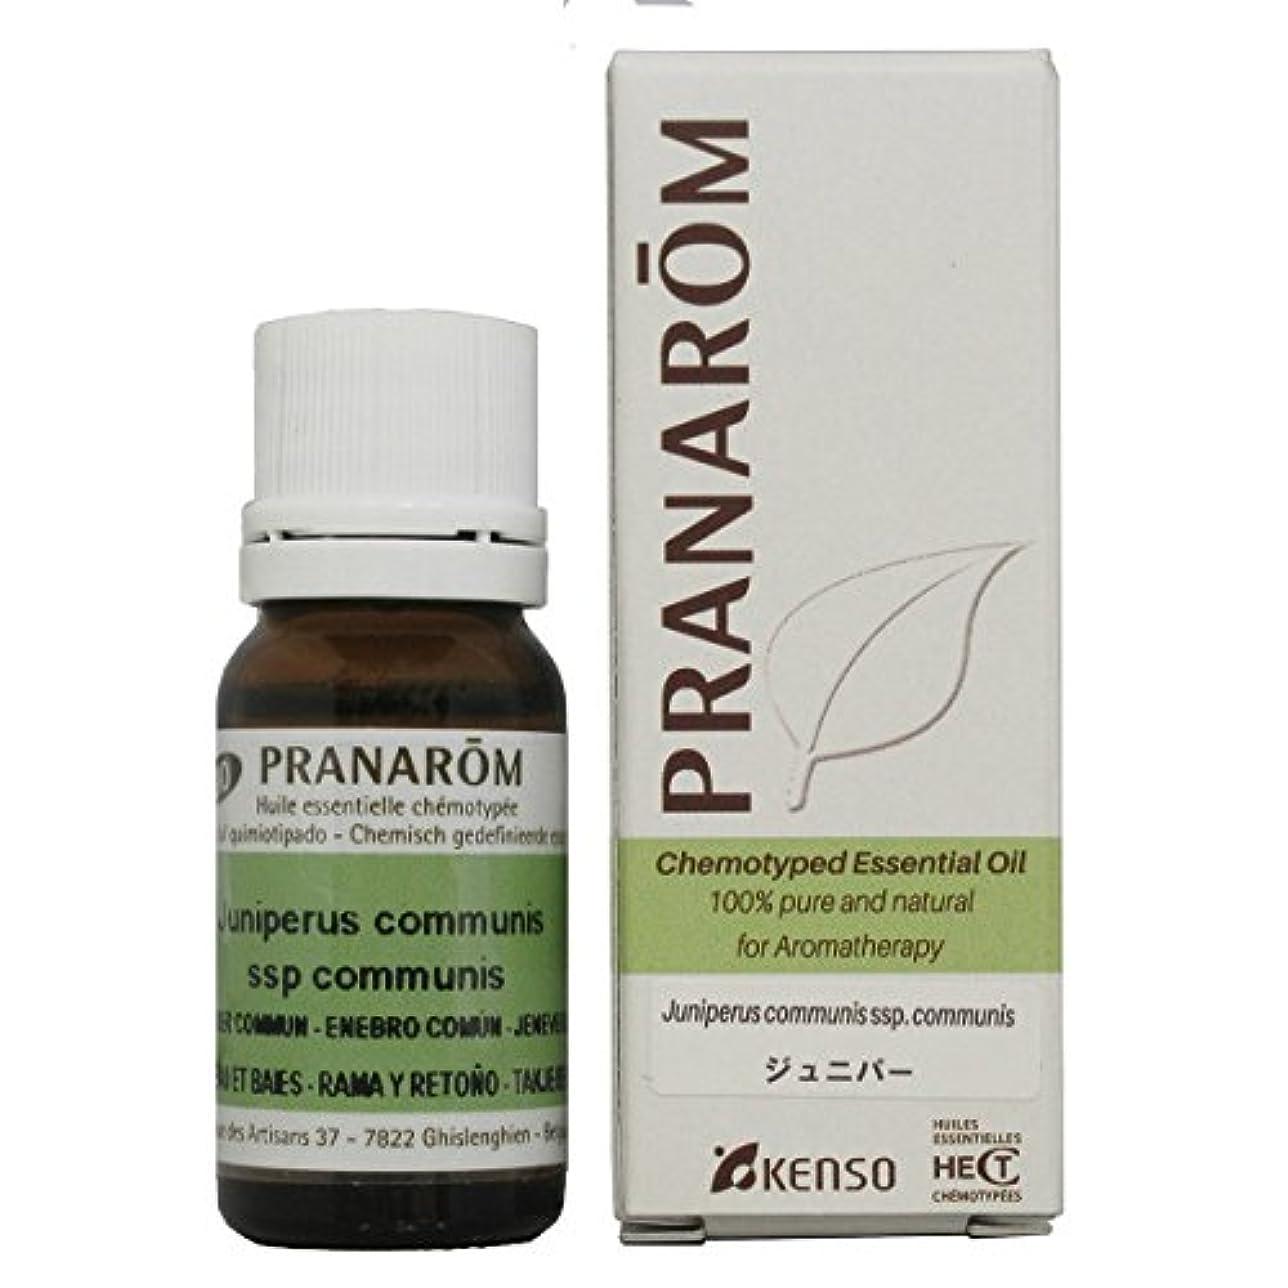 舞い上がるスカープ判定プラナロム ジュニパー(葉枝) 10ml (PRANAROM ケモタイプ精油)